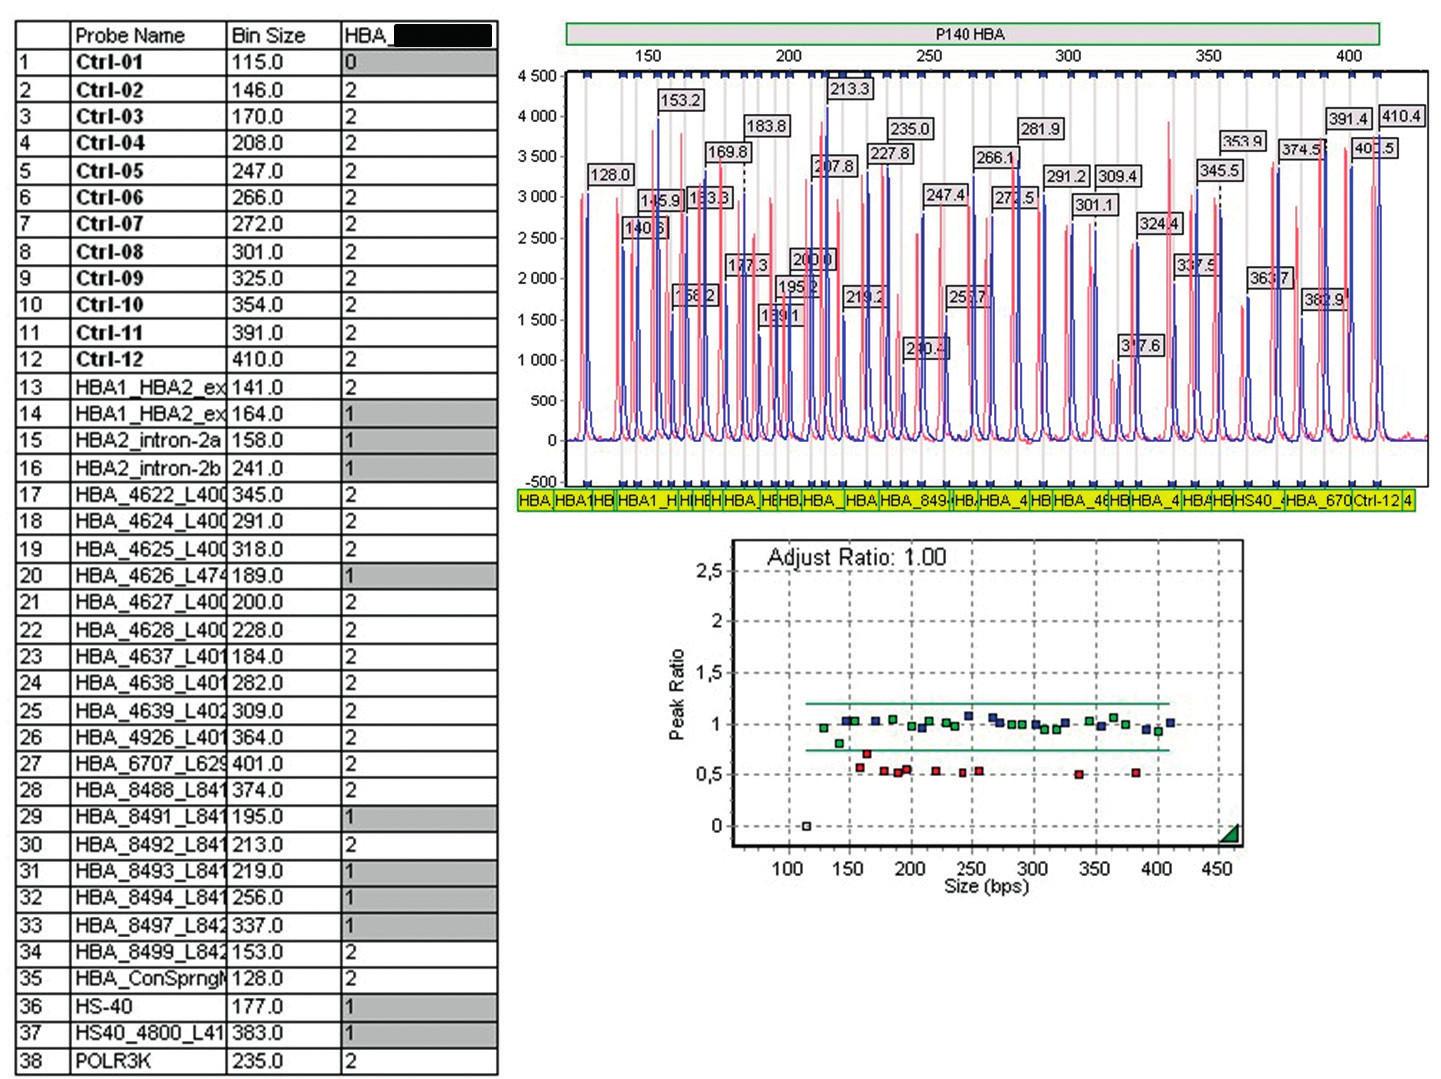 Obr. 4D. Diagnostika α-talasemických delecí Výsledek MLPA prokazující deleci regulační oblasti HS-40 a α<sup>+</sup>-talasemickou deleci –α<sup>3.7</sup>, které u složeného heterozygota vedou k chorobě HbH. Další informace k dané technologii a způsobu analýzy výsledků jsou dostupné na www.mlpa.com, produkt SALSA MLPA P140 HBA probemix. V případě podezření na bodovou mutaci (nedeleční mutaci) se rutinně používá sekvenování <i>HBA1</i> a <i>HBA2</i> genů.